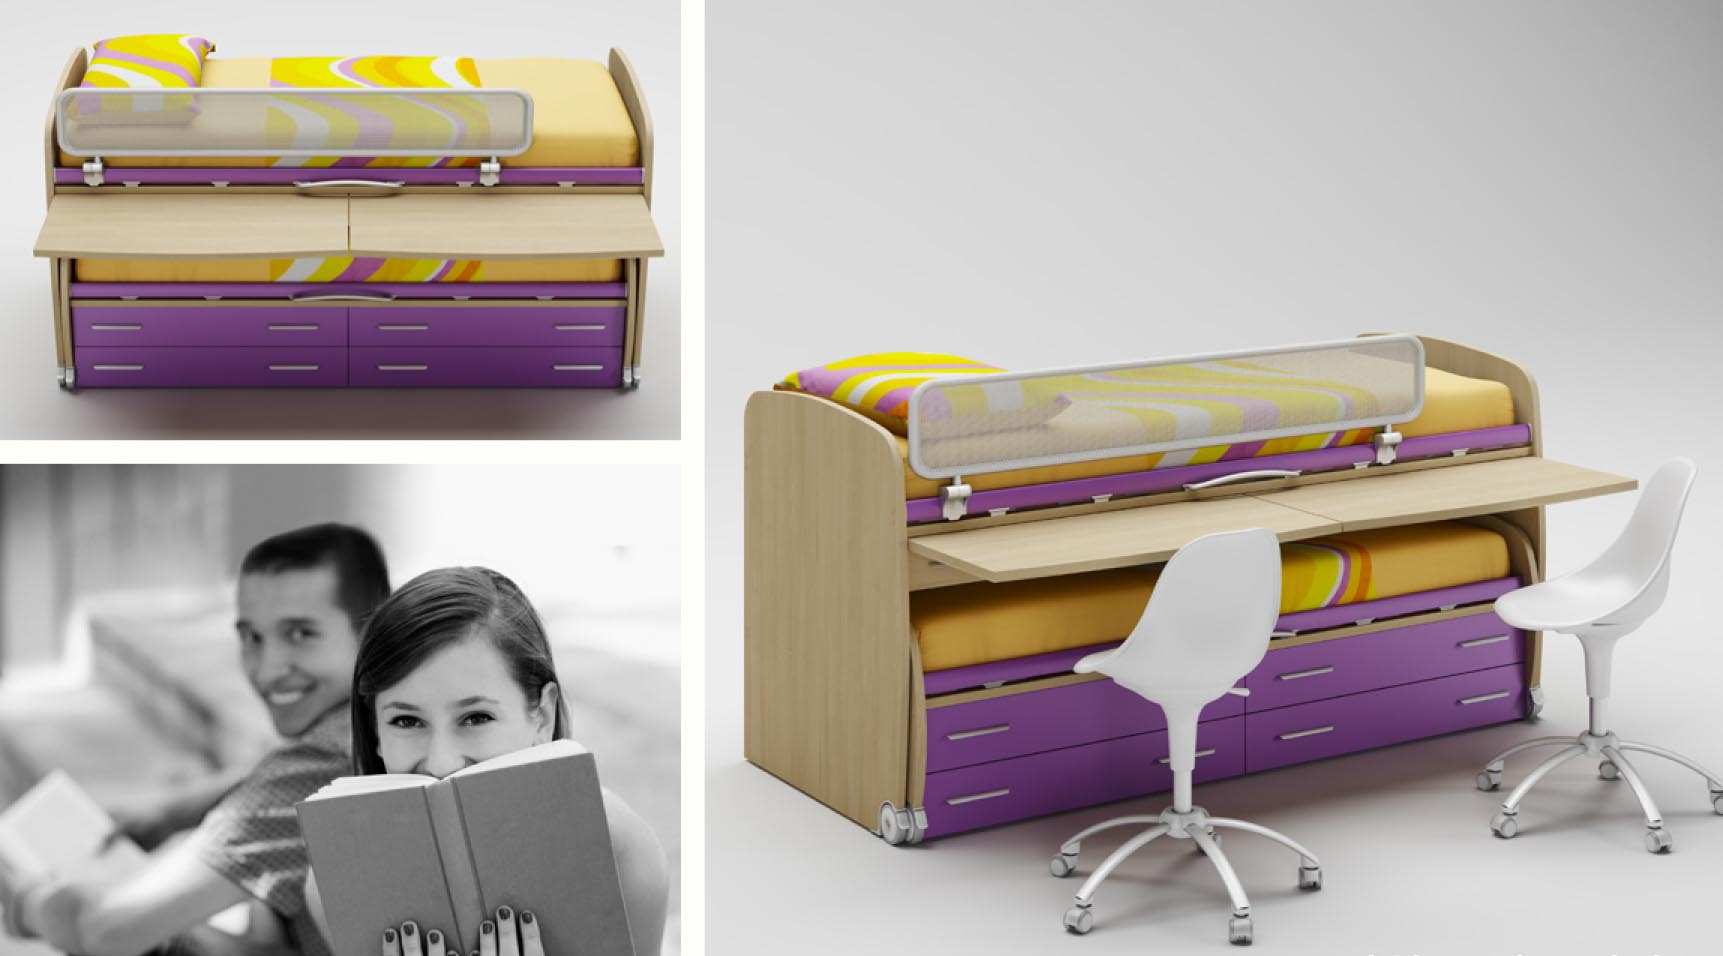 Lits superpos s avec chelle bureaux moretti compact for Lits superposes avec rangement